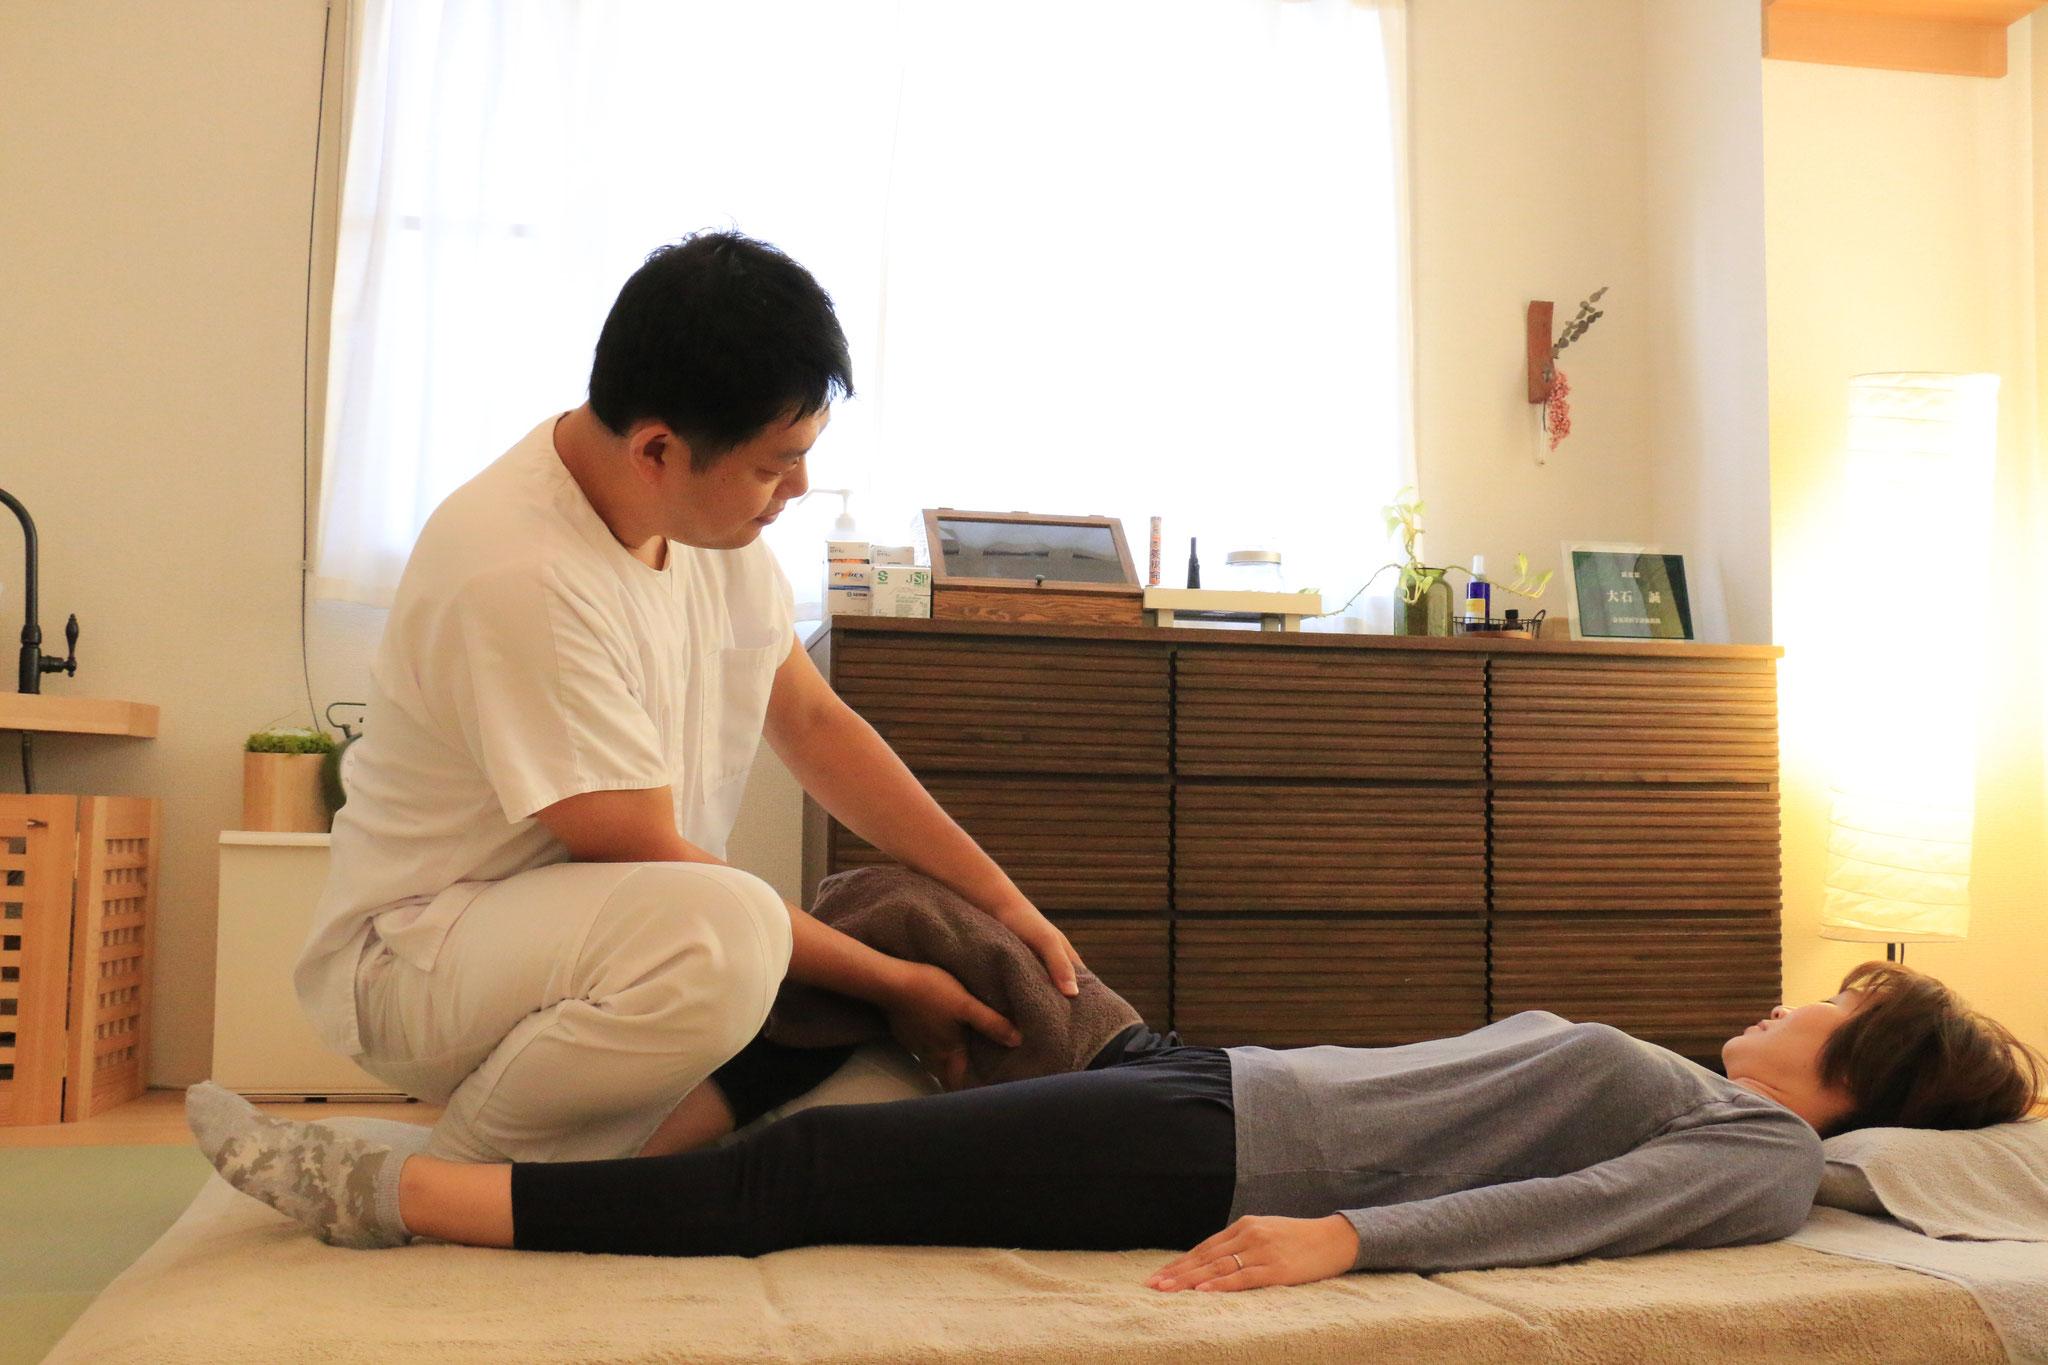 新日本延命療法。太もも内側はとても大切なポイントです。